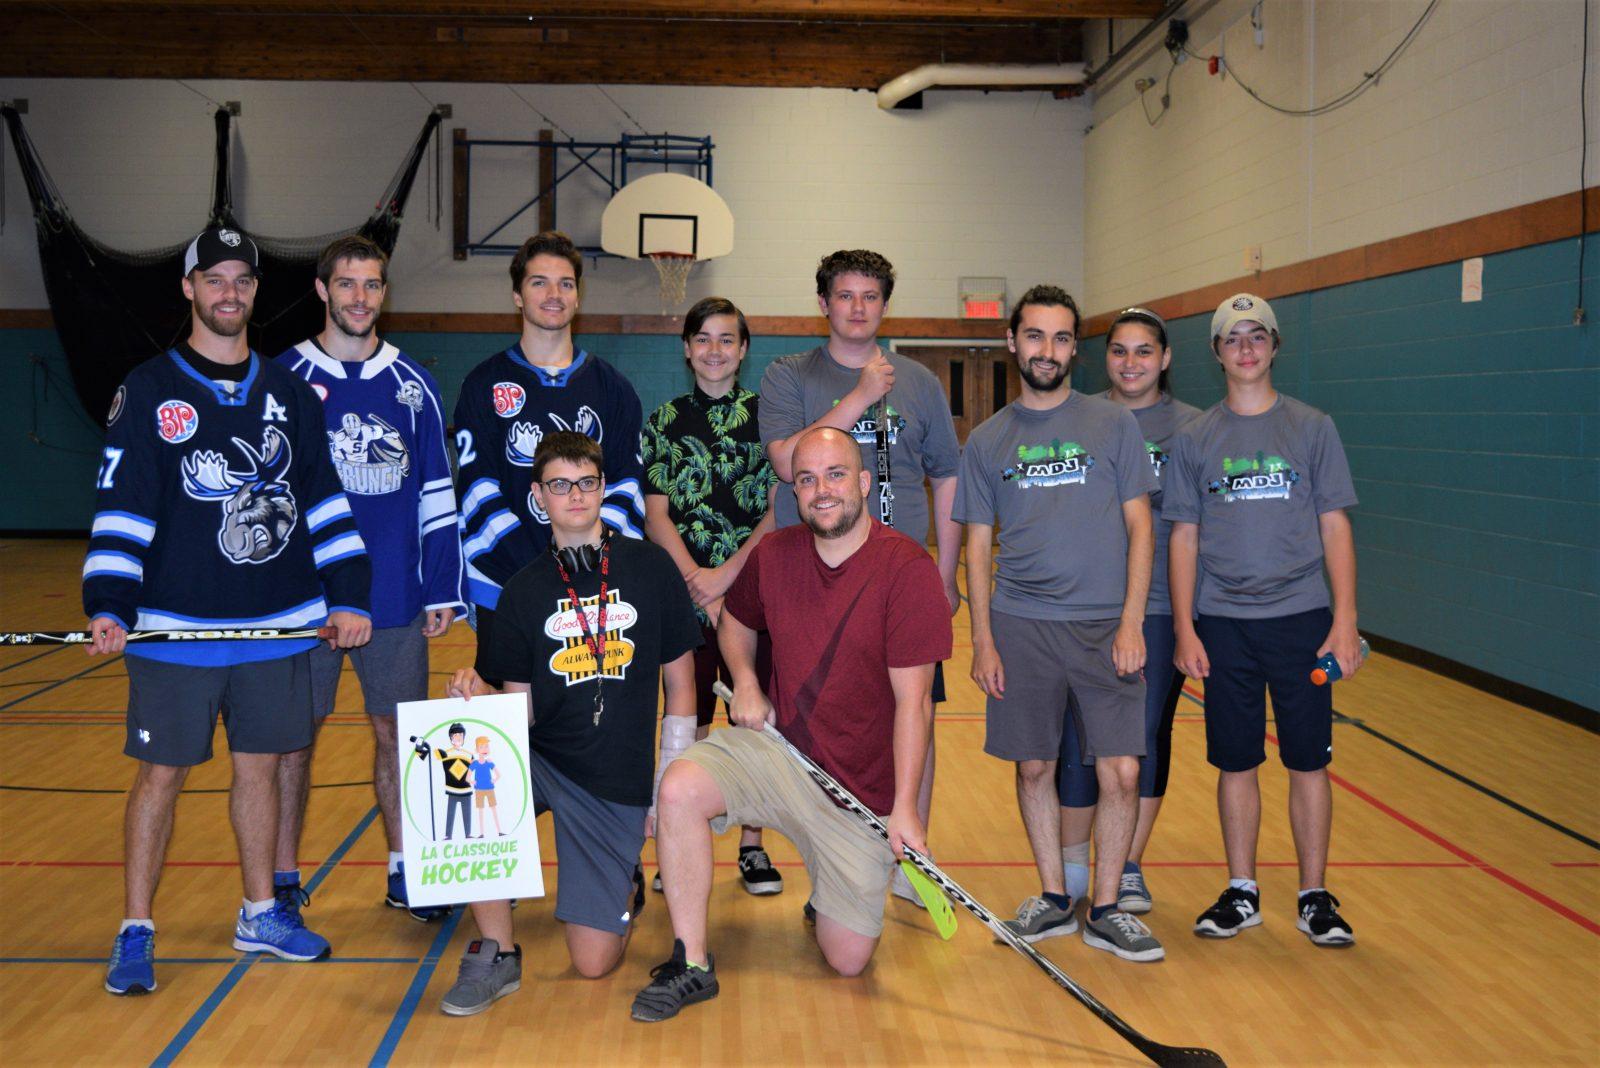 Des hockeyeurs professionnels inspirent des jeunes